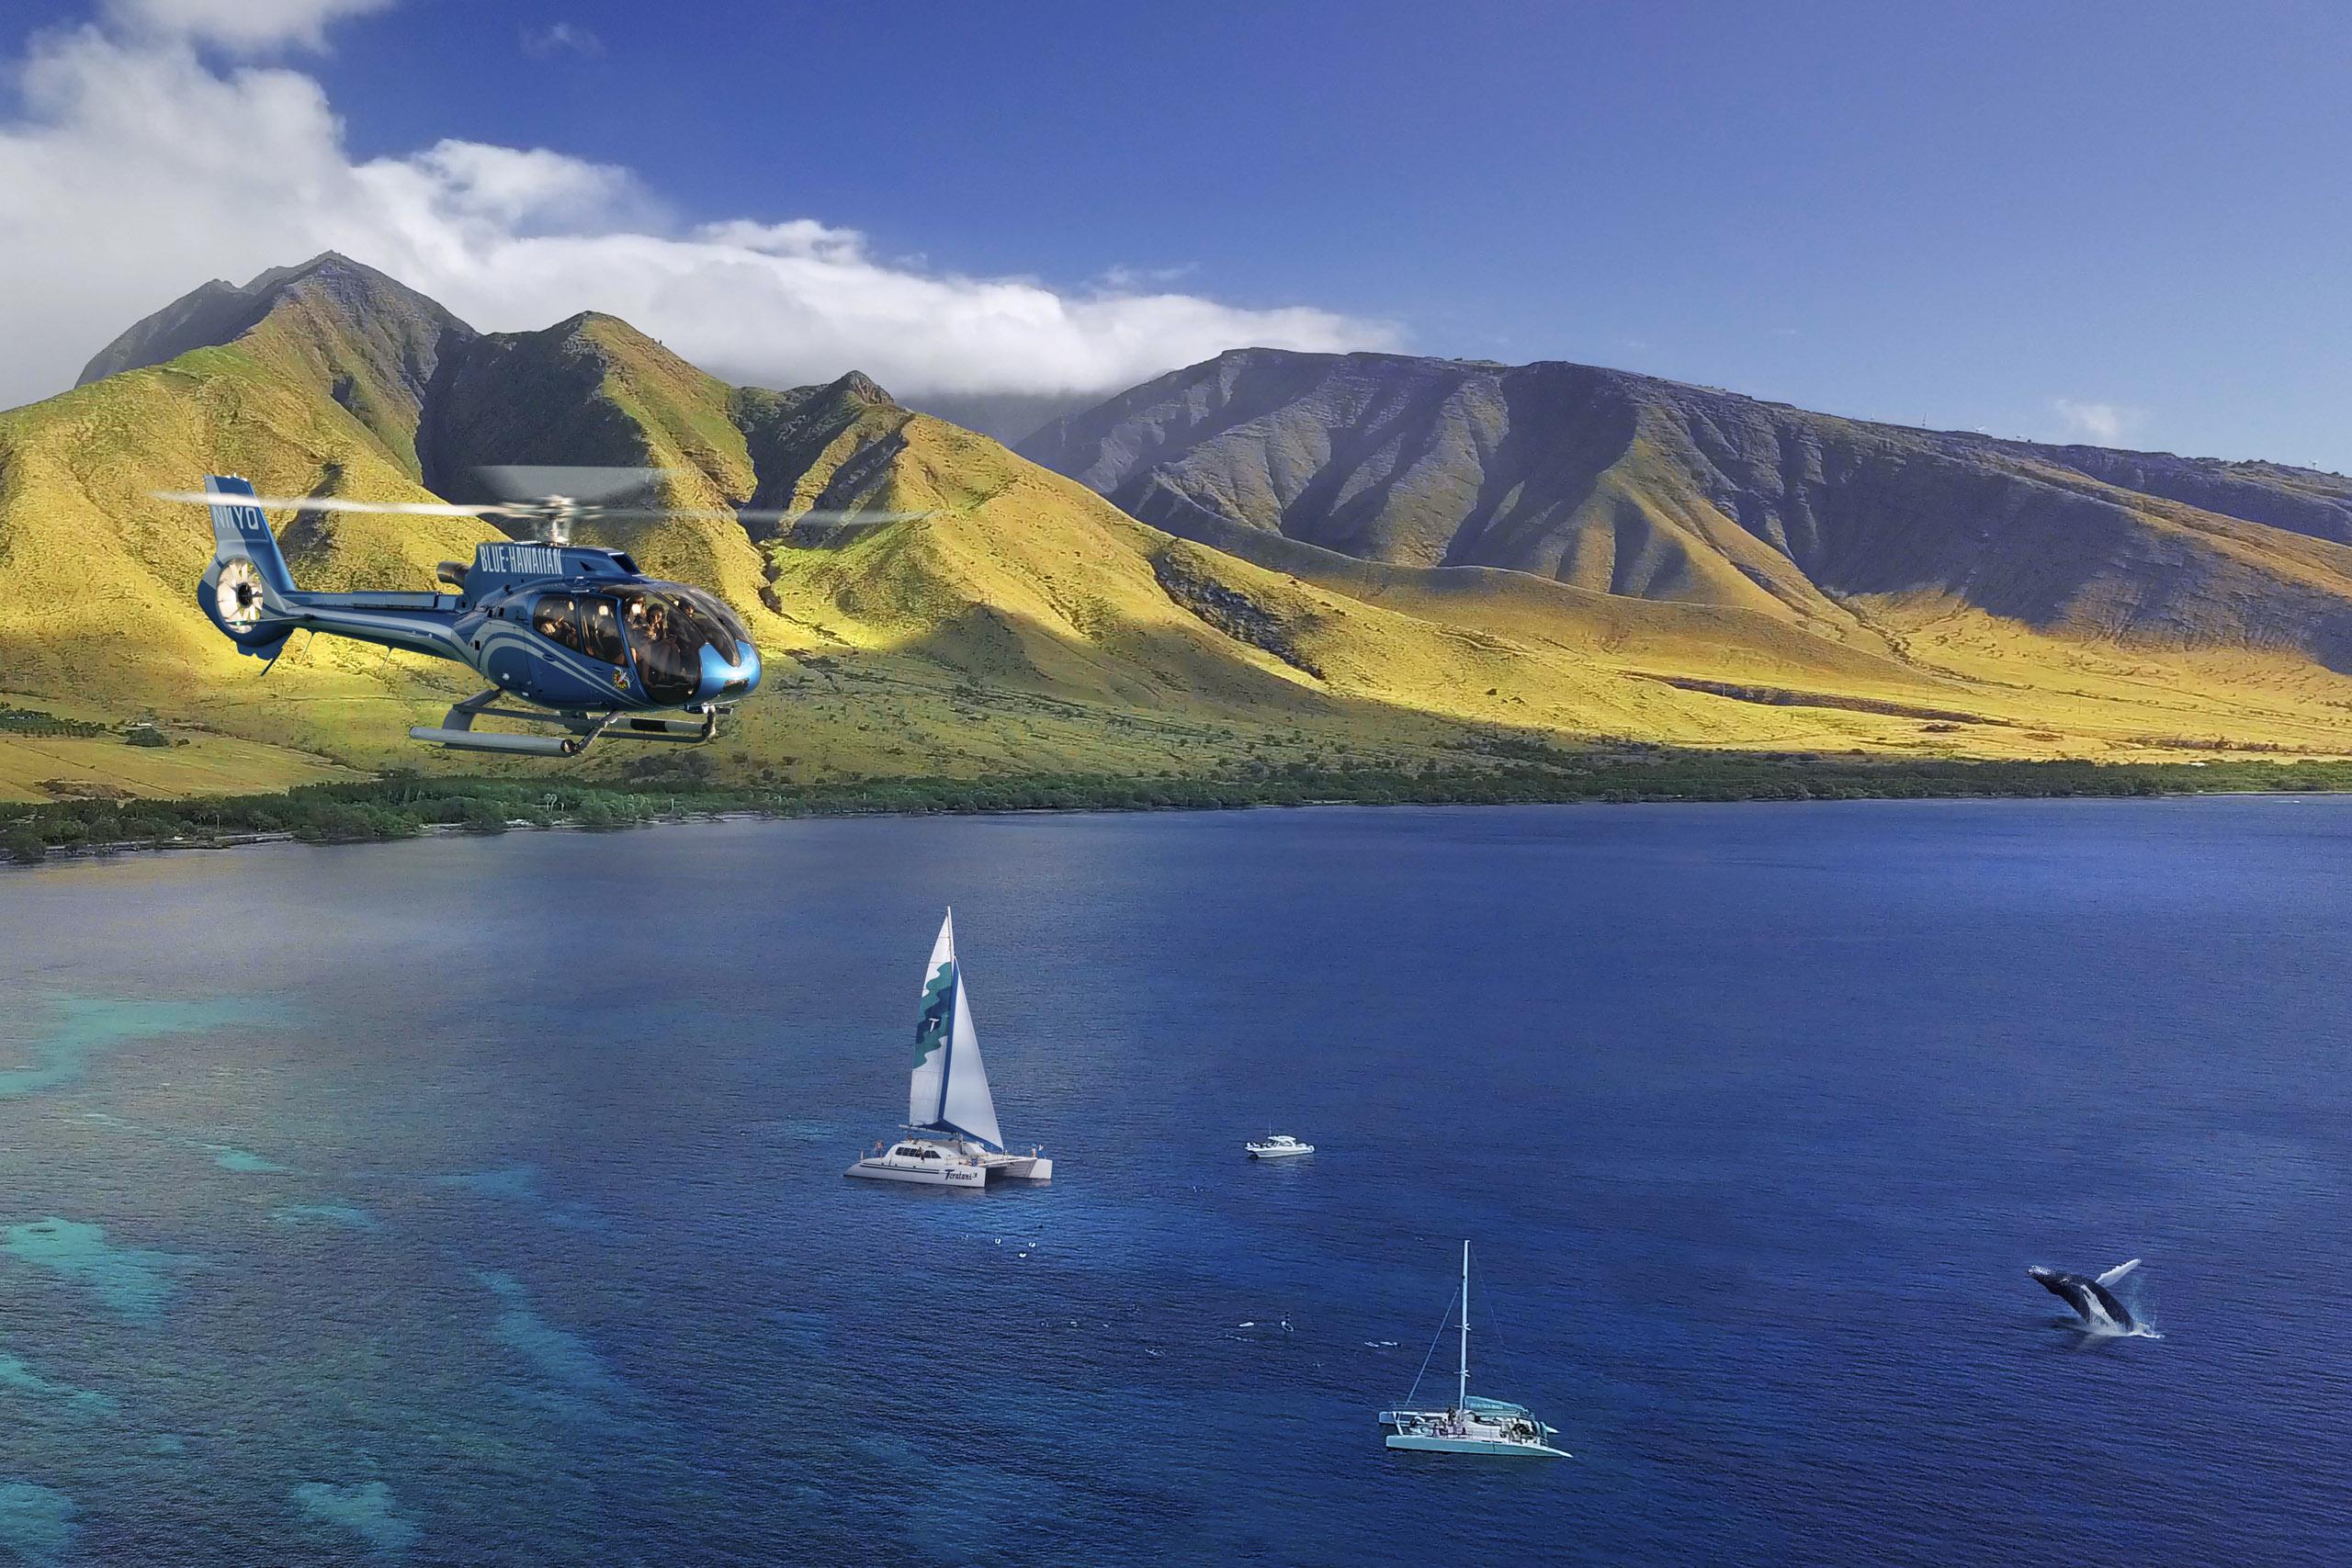 Product Heli-Whale Experience Maui